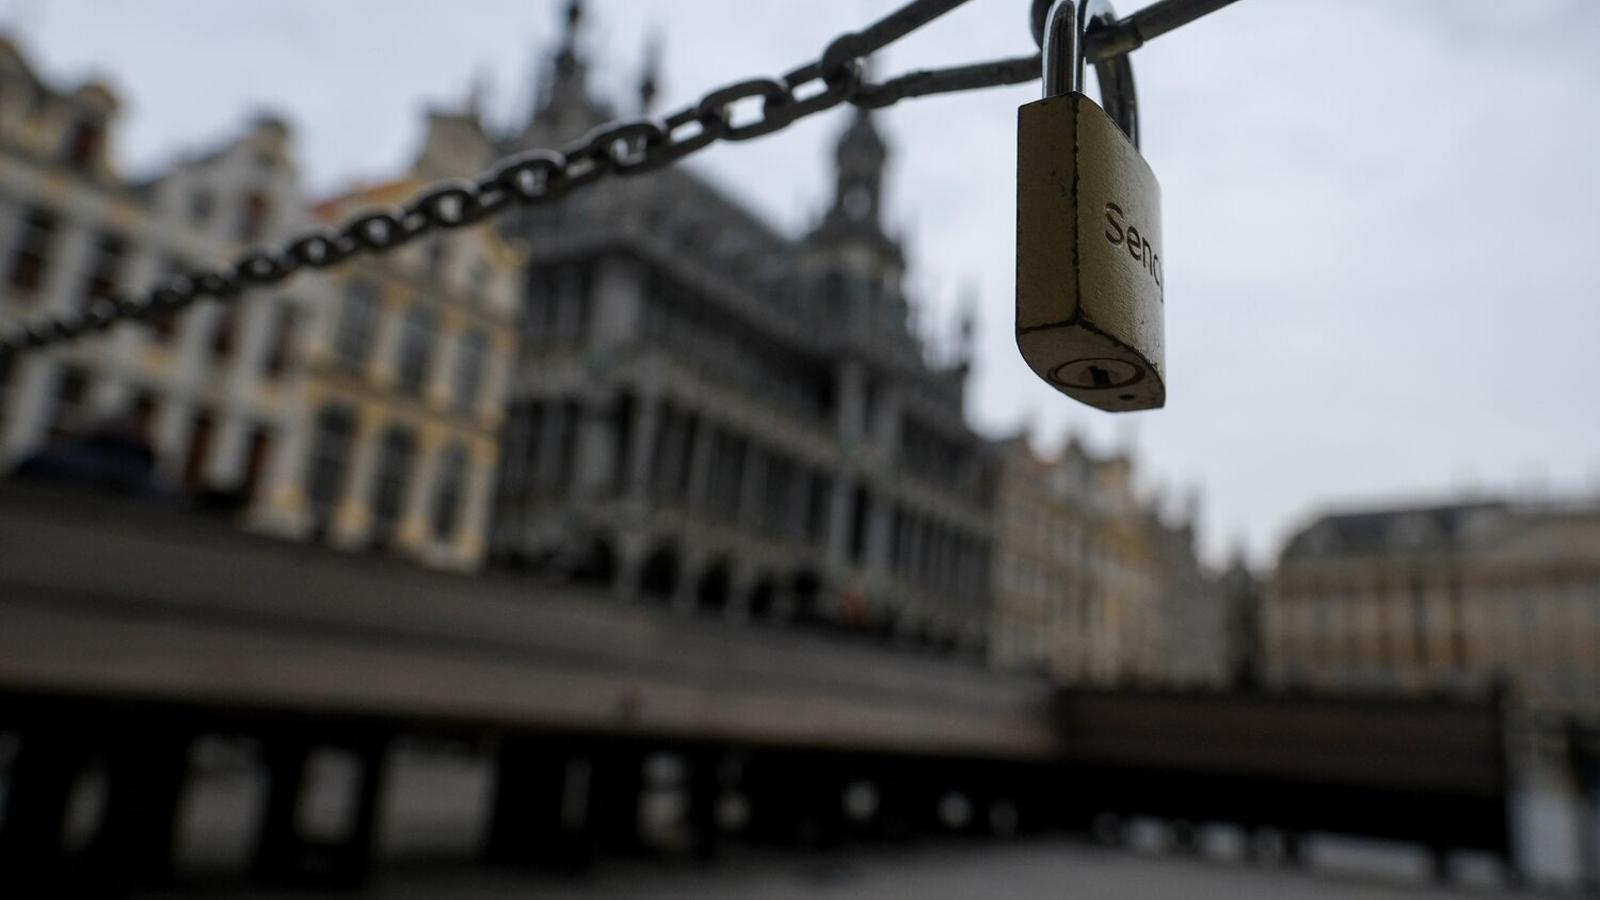 Una cadena bloqueja l'accés d'una de les terrasses de la Grande Place de Brussel·les, tancades pel coronavirus. / EFE/EPA/OLIVIER HOSLET